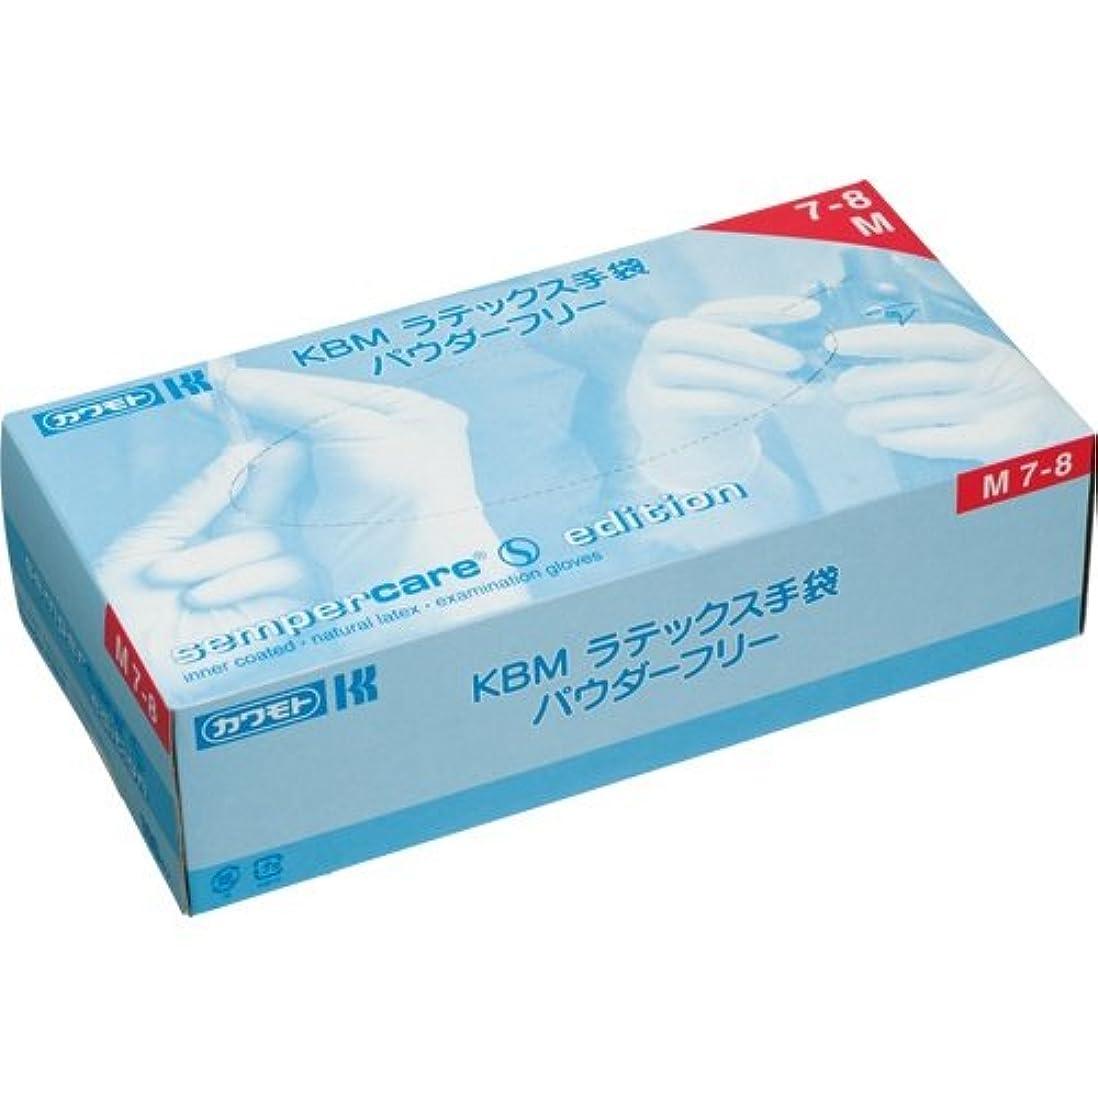 ごめんなさい礼儀アクセルカワモト KBM ラテックス手袋 パウダーフリー M 1セット(300枚:100枚×3箱)